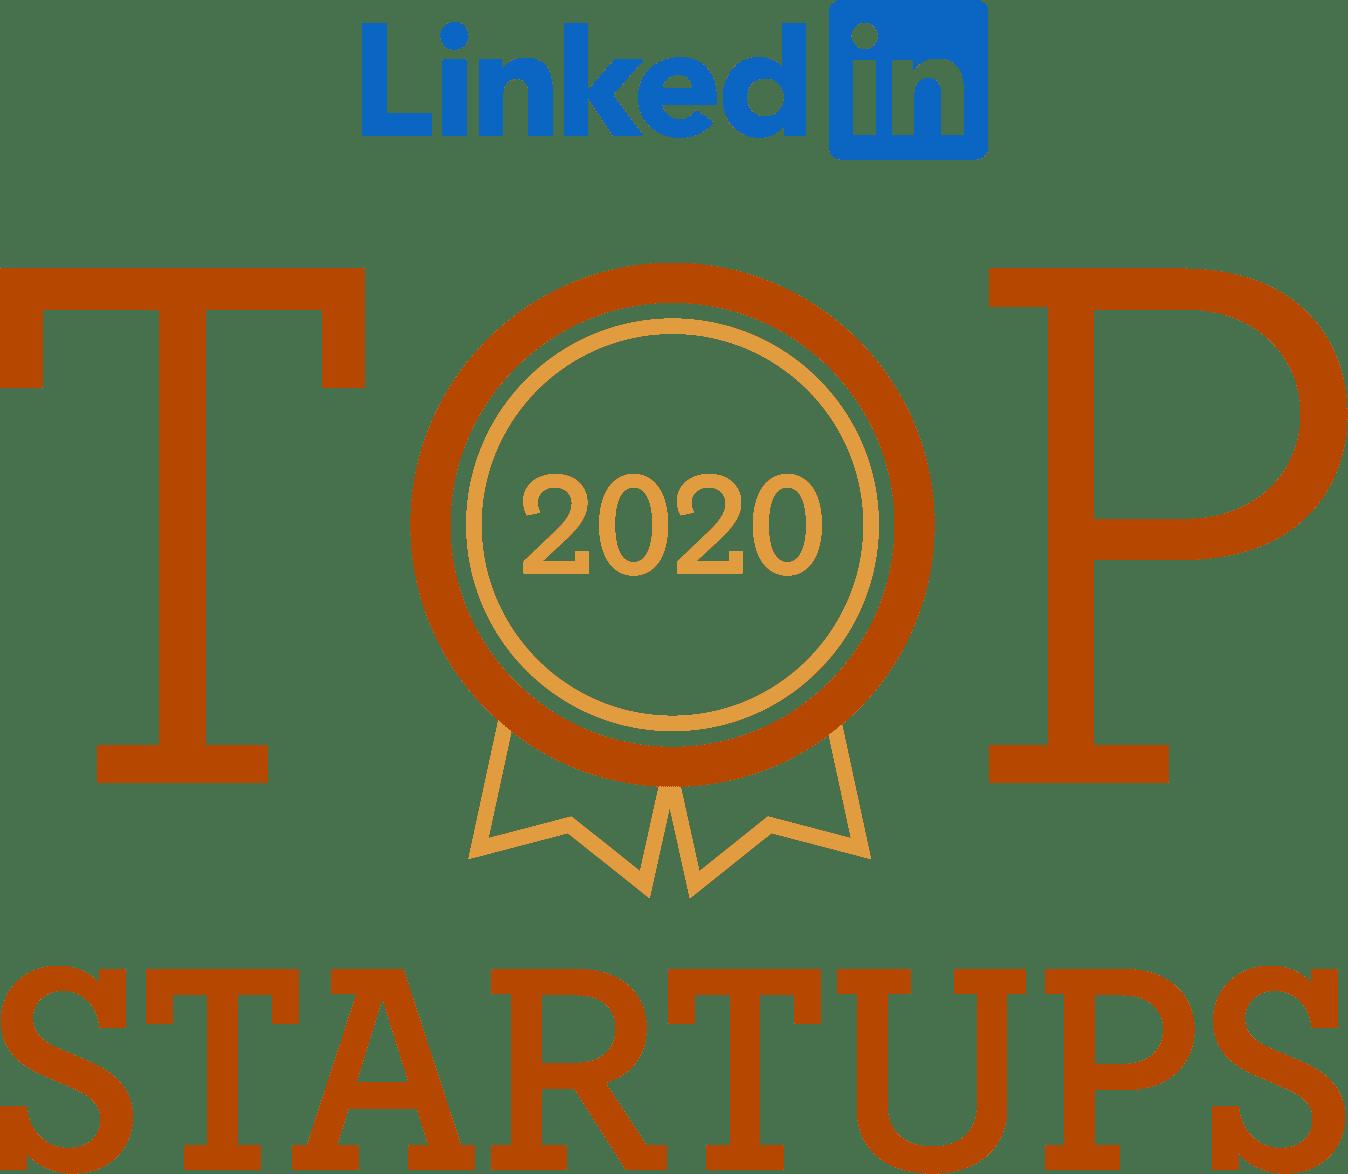 LinkedIn Top Startups for 2020